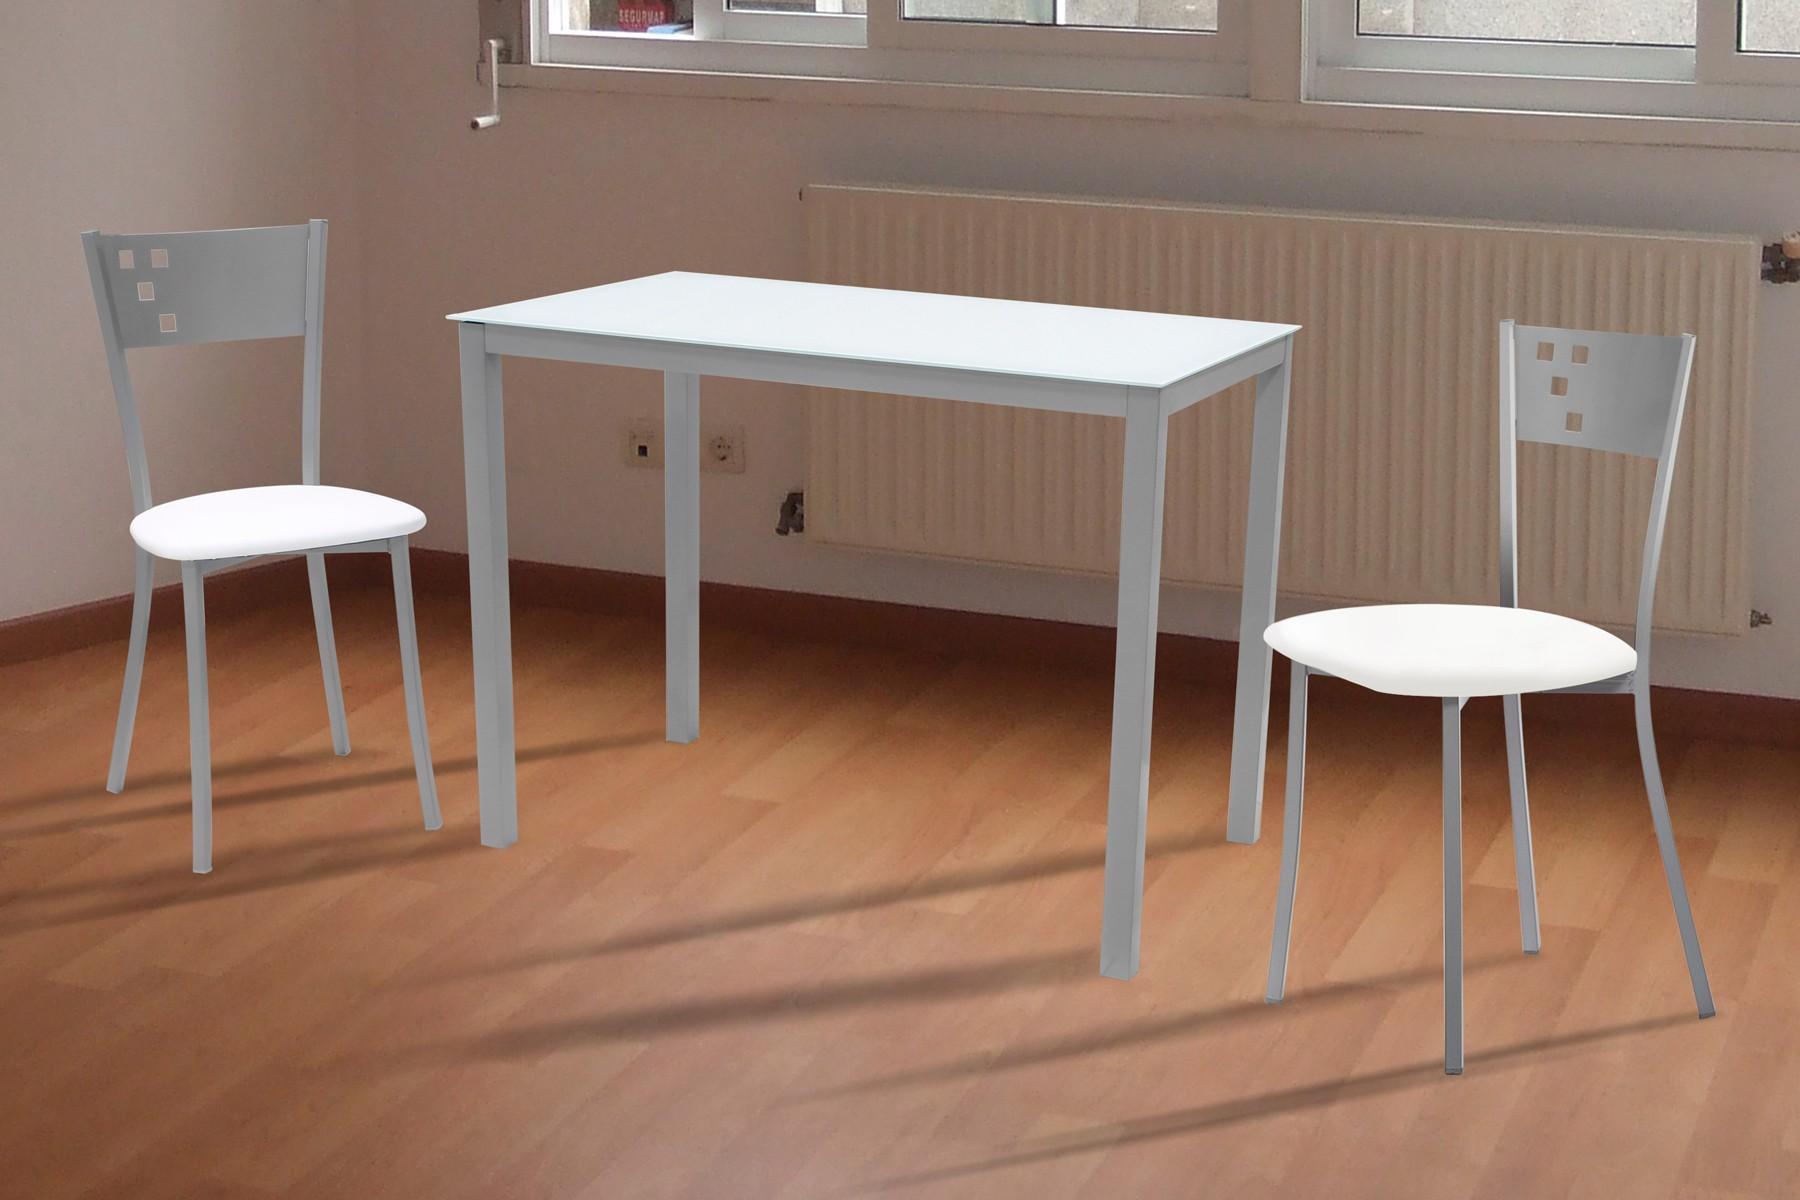 Conjunto de mesa y sillas de cocina barato y económico modelo STAR